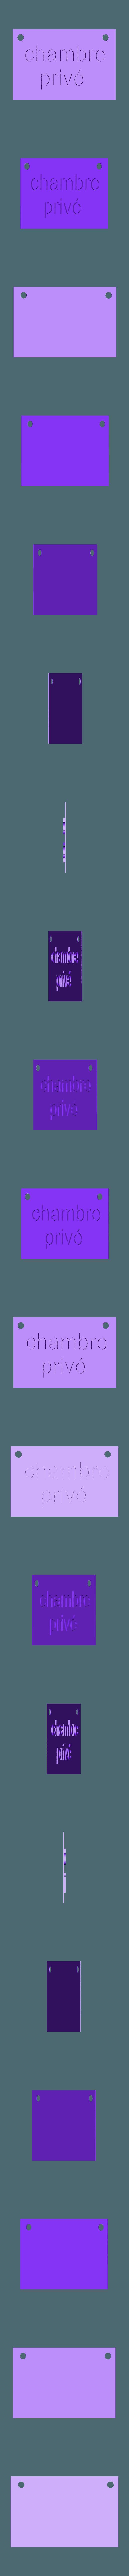 chambre privé.stl Télécharger fichier STL gratuit pancarte panneau affiche 3d  • Modèle à imprimer en 3D, roberbabaon2